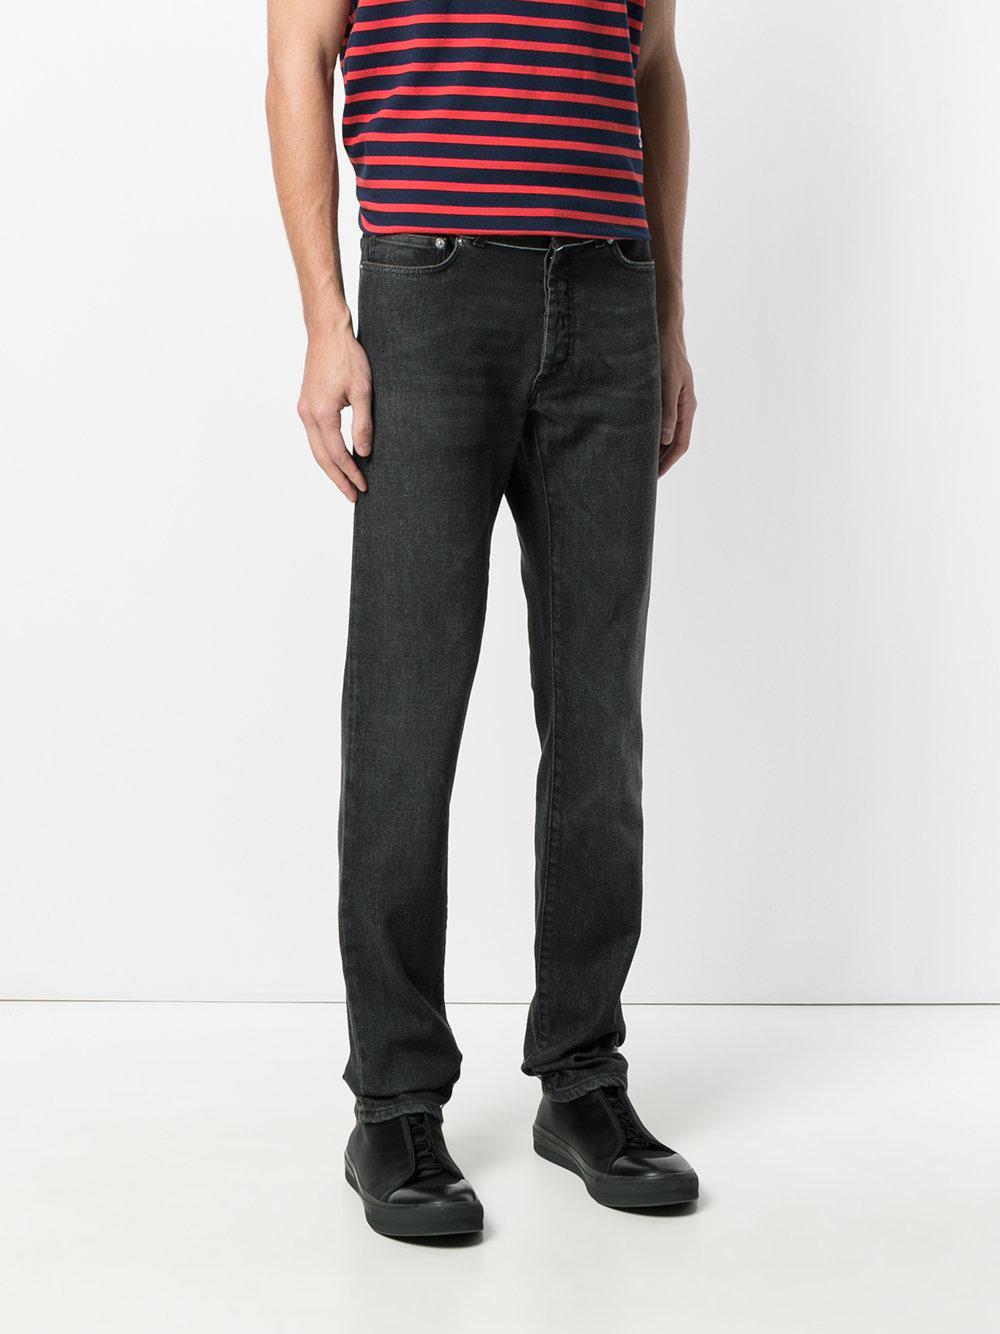 lyst dior homme straight leg jeans in black for men. Black Bedroom Furniture Sets. Home Design Ideas